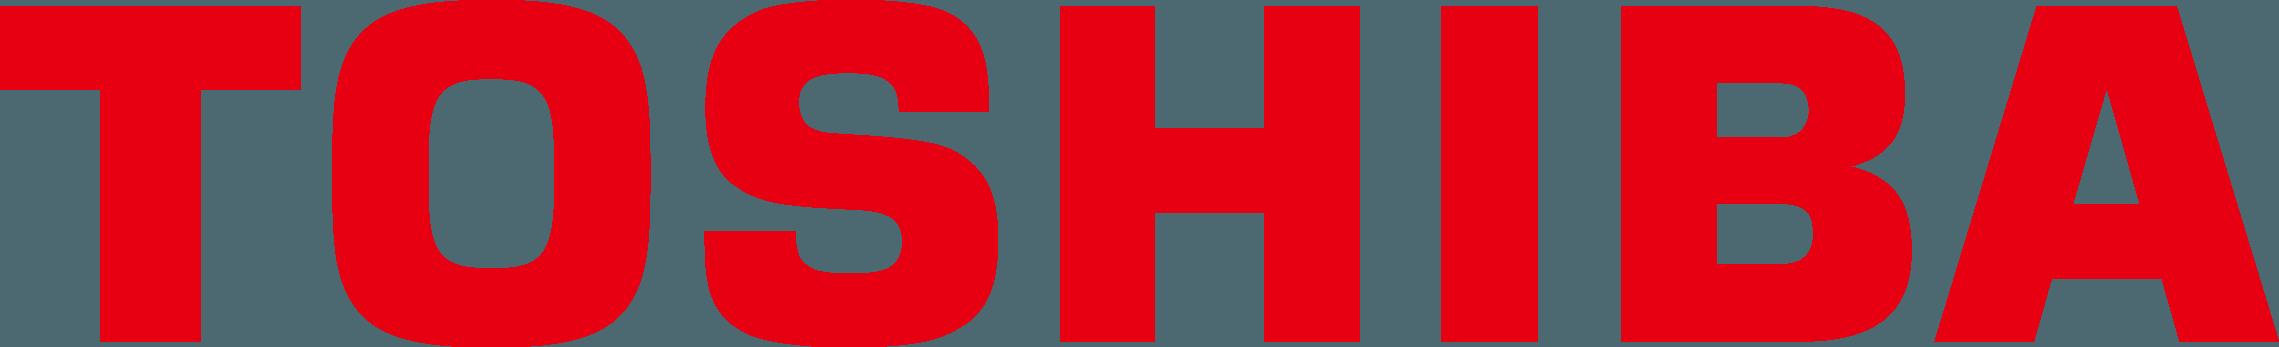 Toshiba Logo png